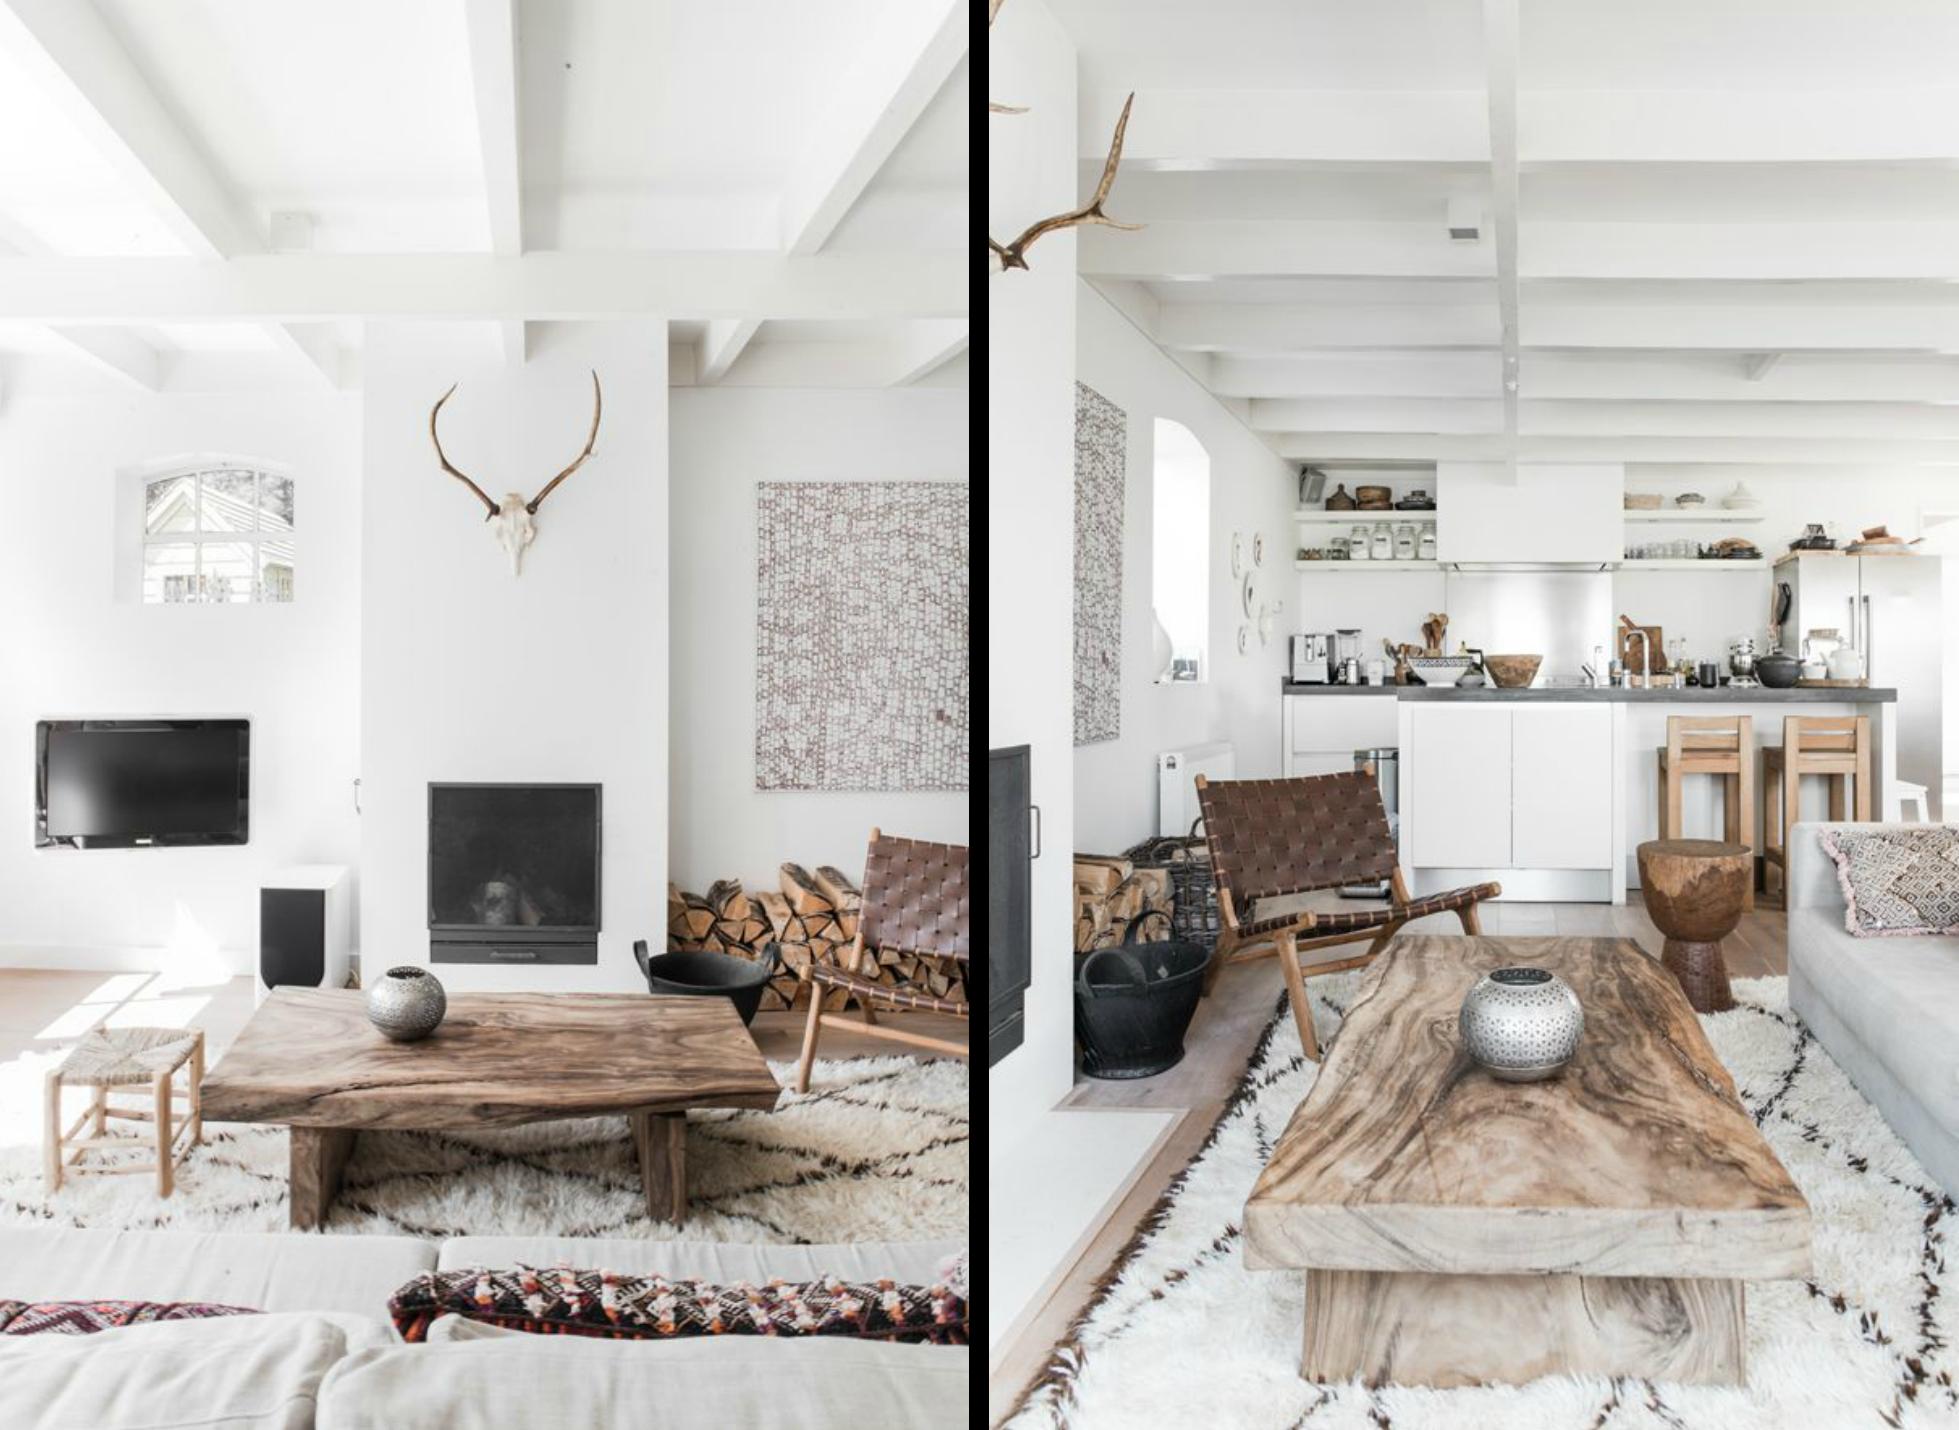 Une maison de famille au style scandinave rustique madame d core - Table maison de famille ...